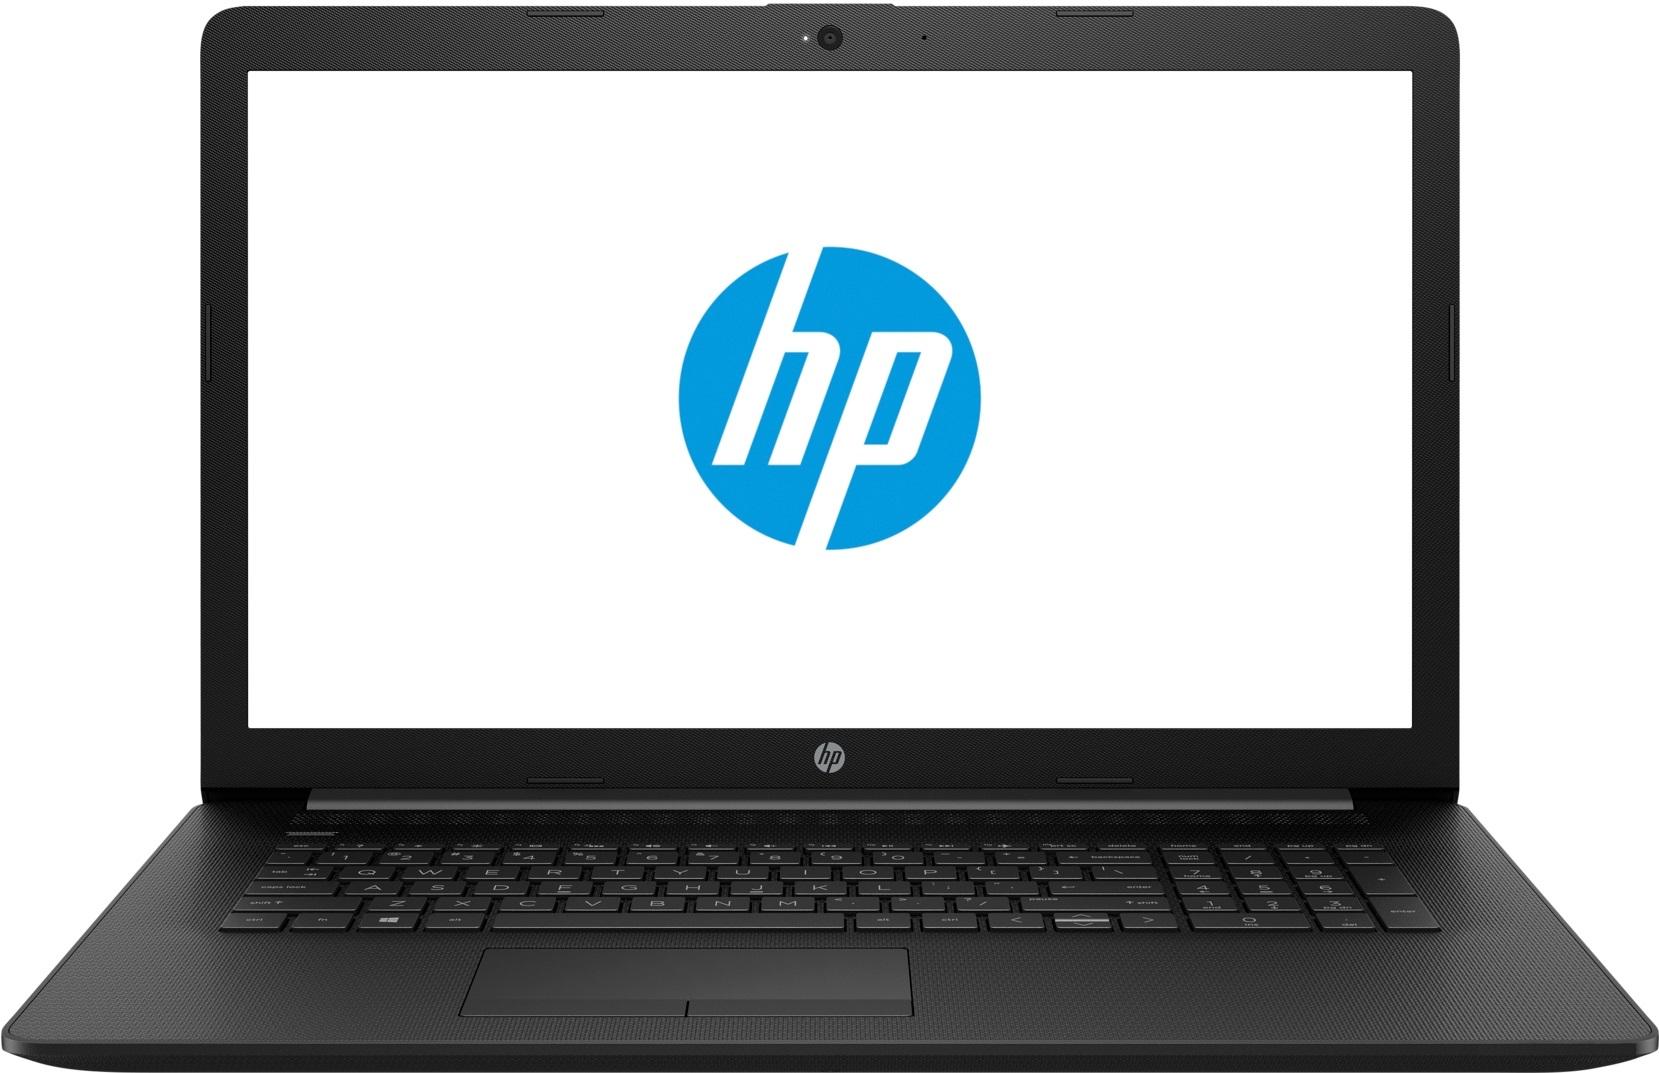 Ноутбук Hewlett-Packard 17-by0157ur 4UC24EA Black  - купить со скидкой